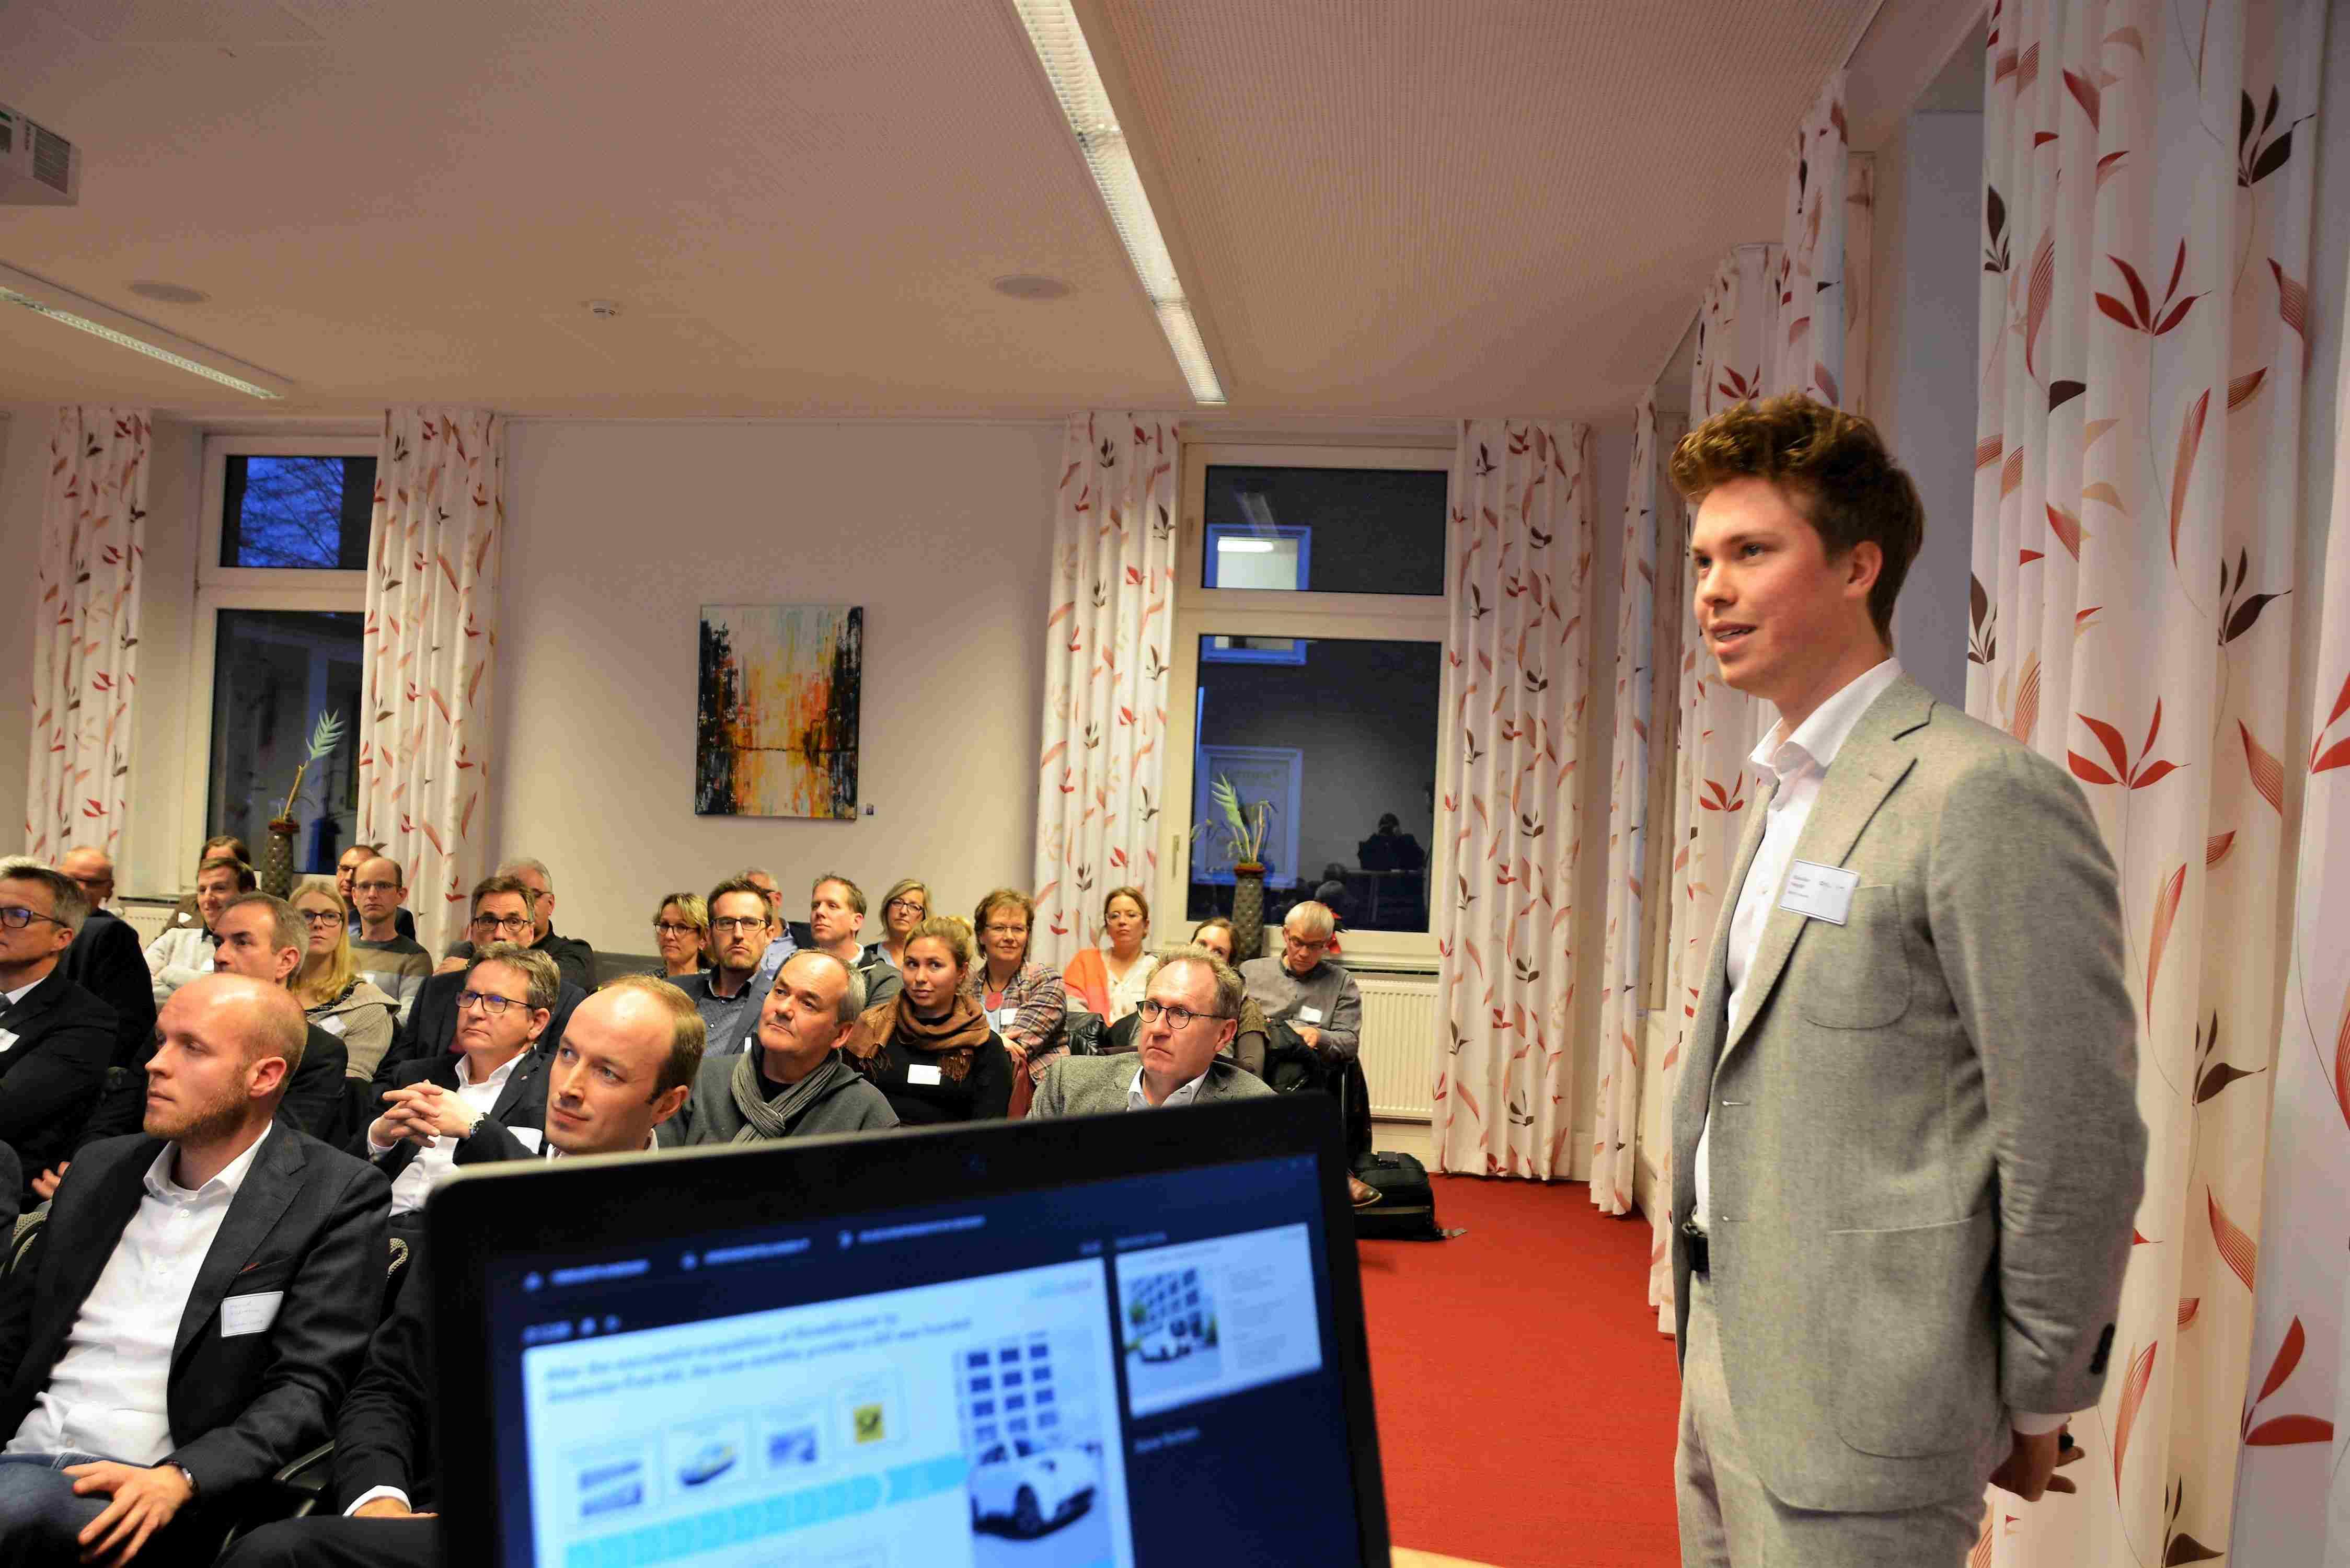 Besser zur Arbeit kommen: Förderprojekt SAIL unterstützt Unternehmen bei der Mobilität